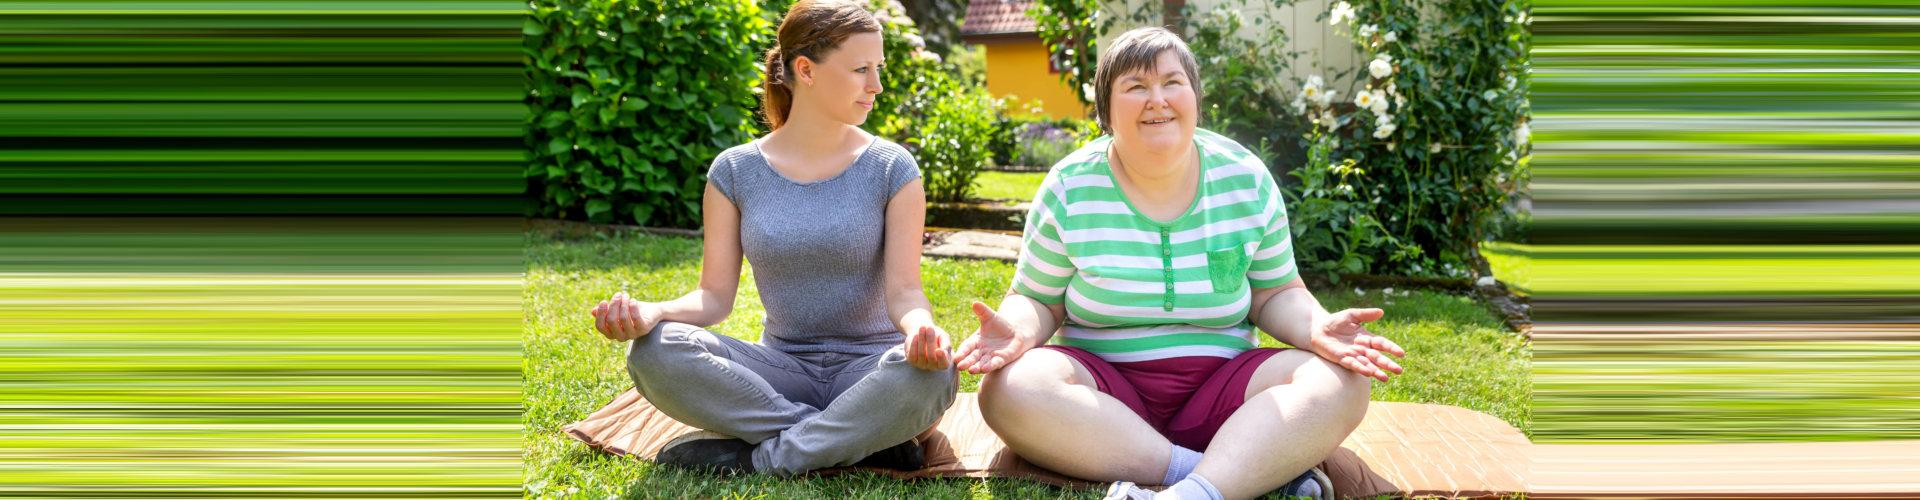 two woman doing yoga